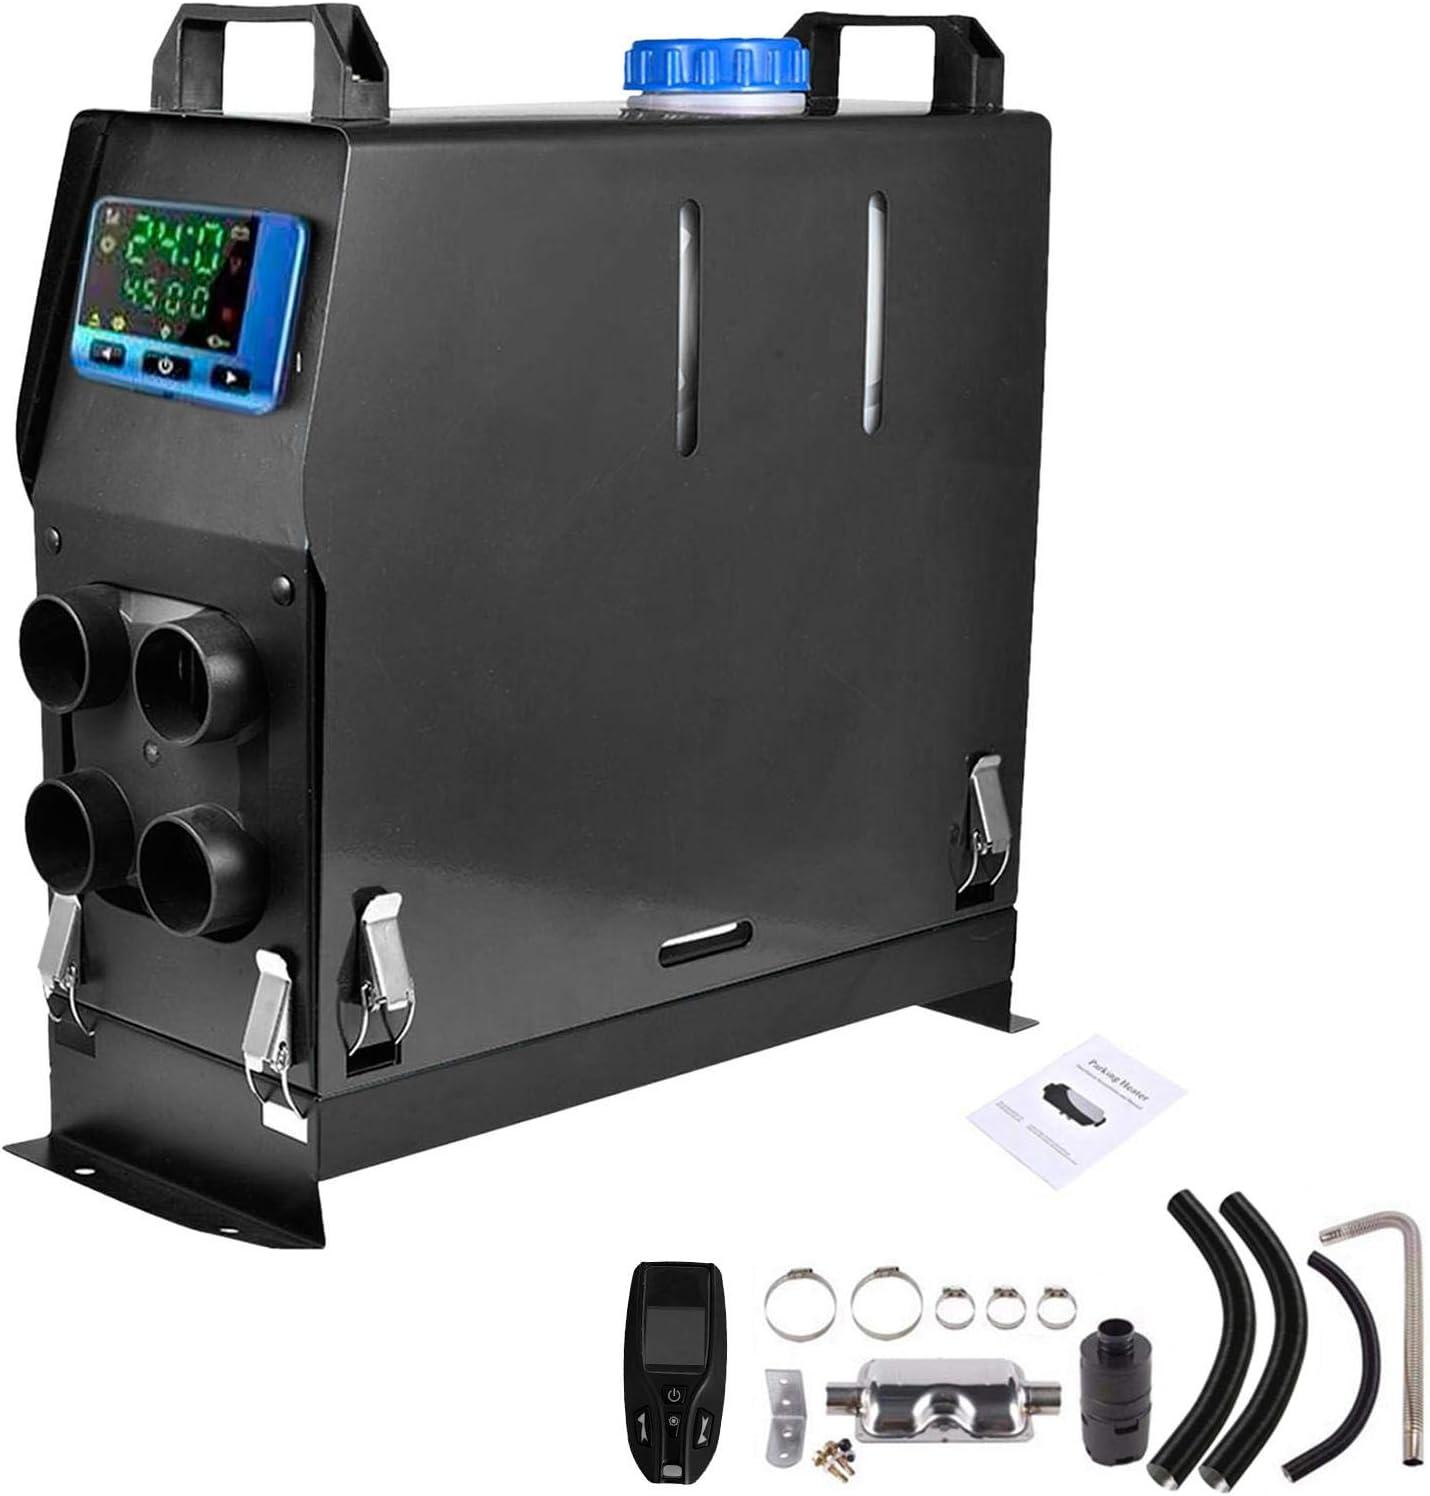 Heizung & Klimatechnik Wohnmobil QUUY Standheizung Diesel 8KW 8V